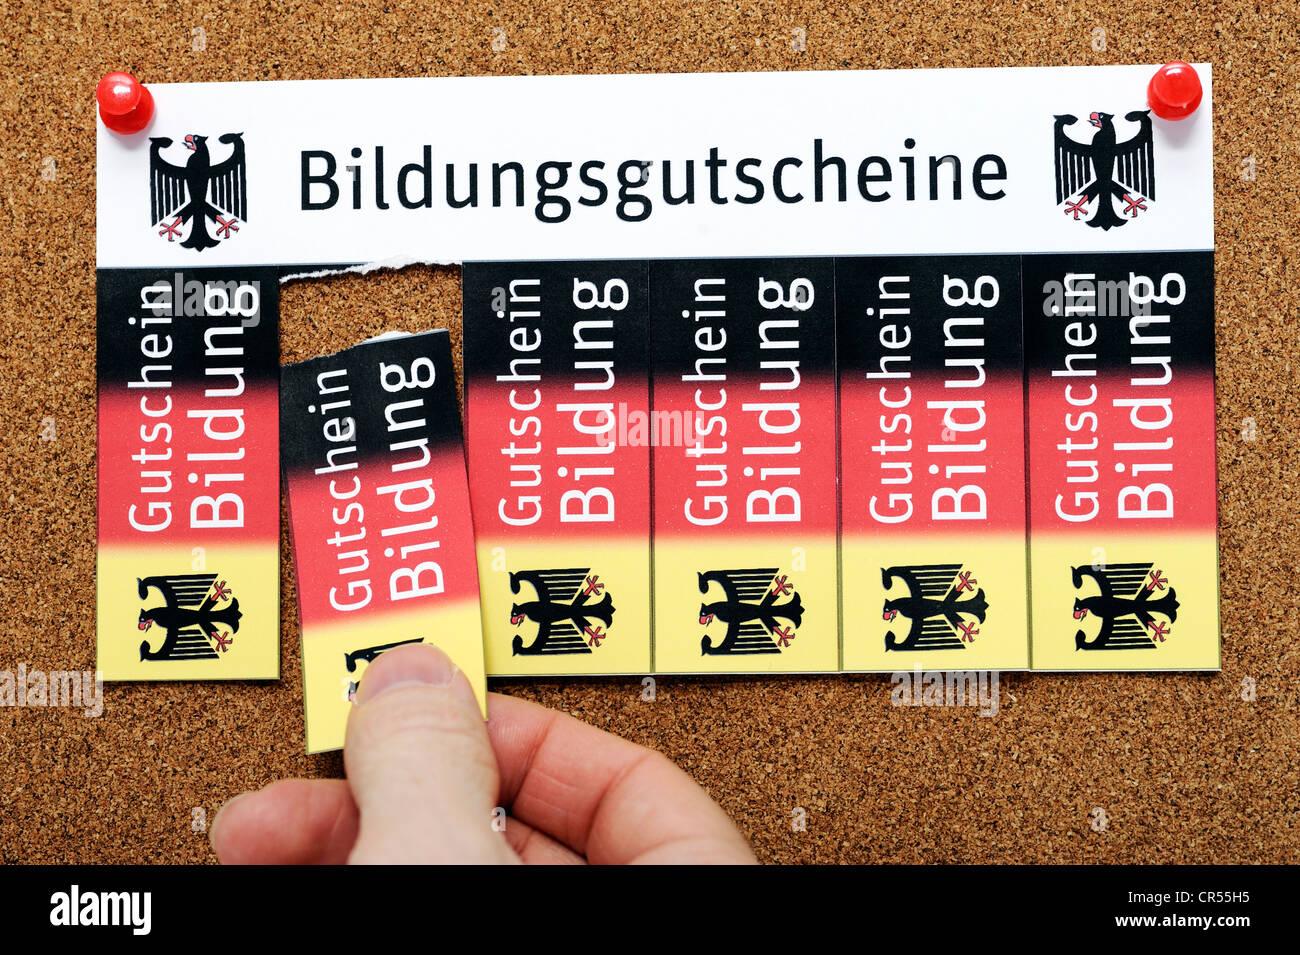 Vouchers on a noticeboard, lettering 'Bildungsgutscheine', German for 'education vouchers', symbolic - Stock Image